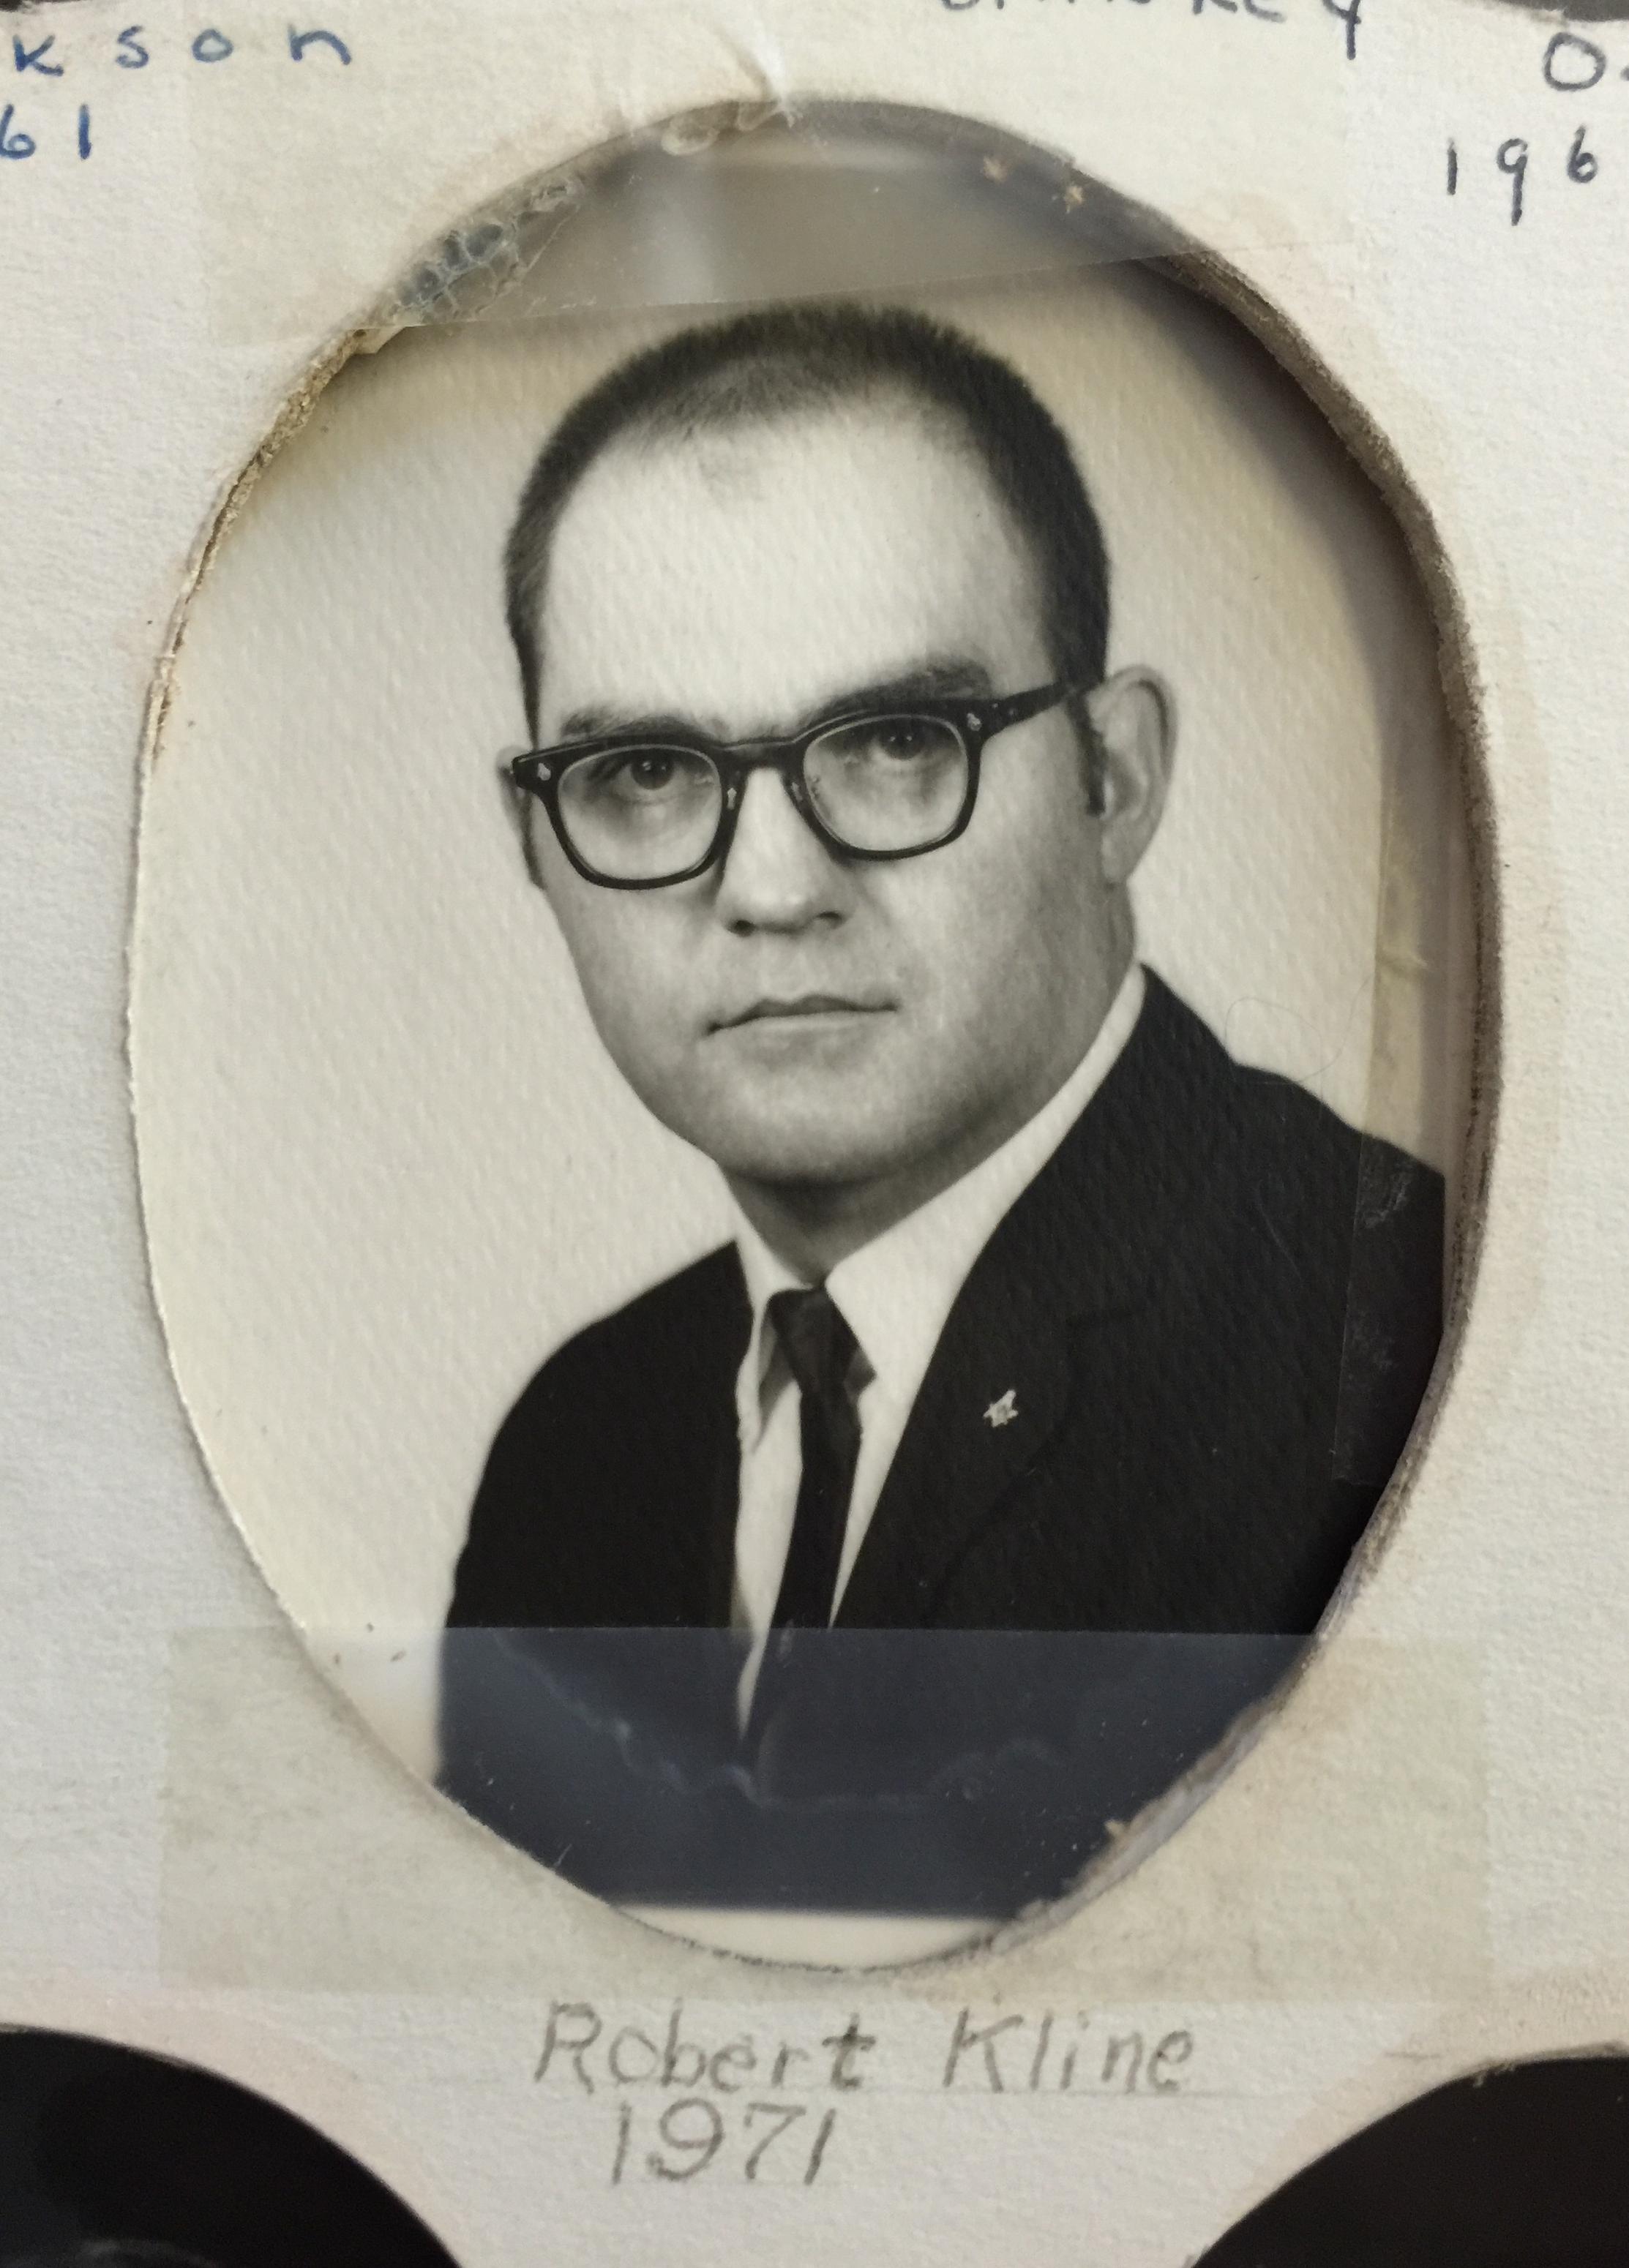 1971 Robert Kline